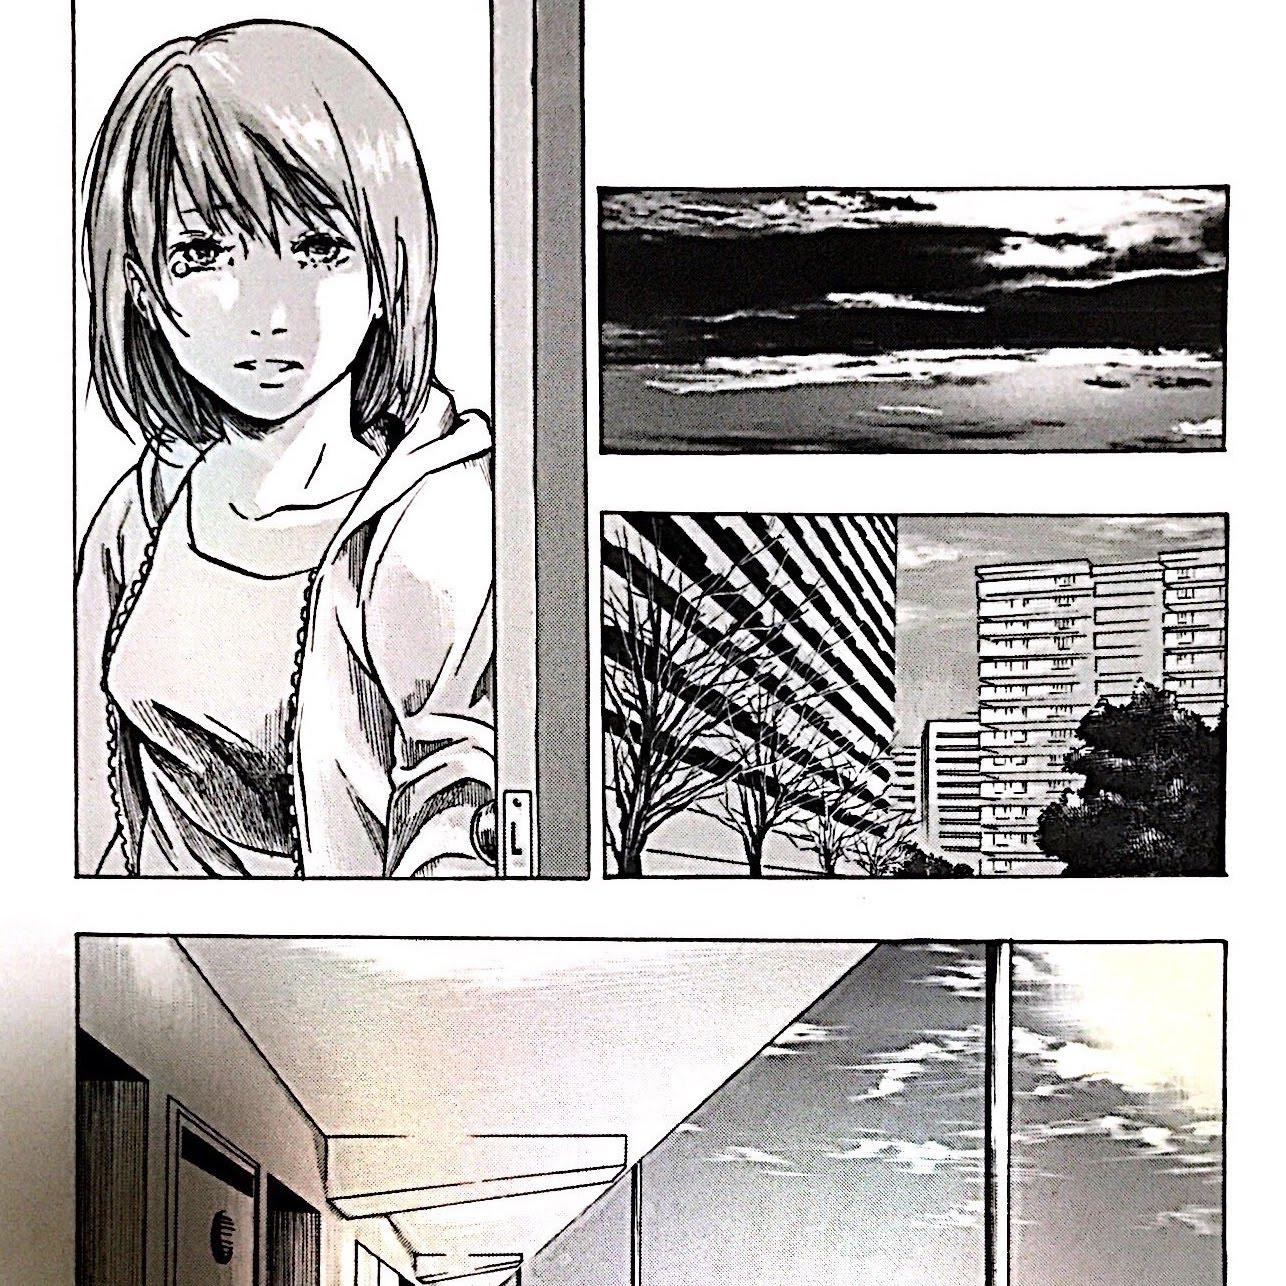 漫画 手描き アナログ モノクロ トーン 学生